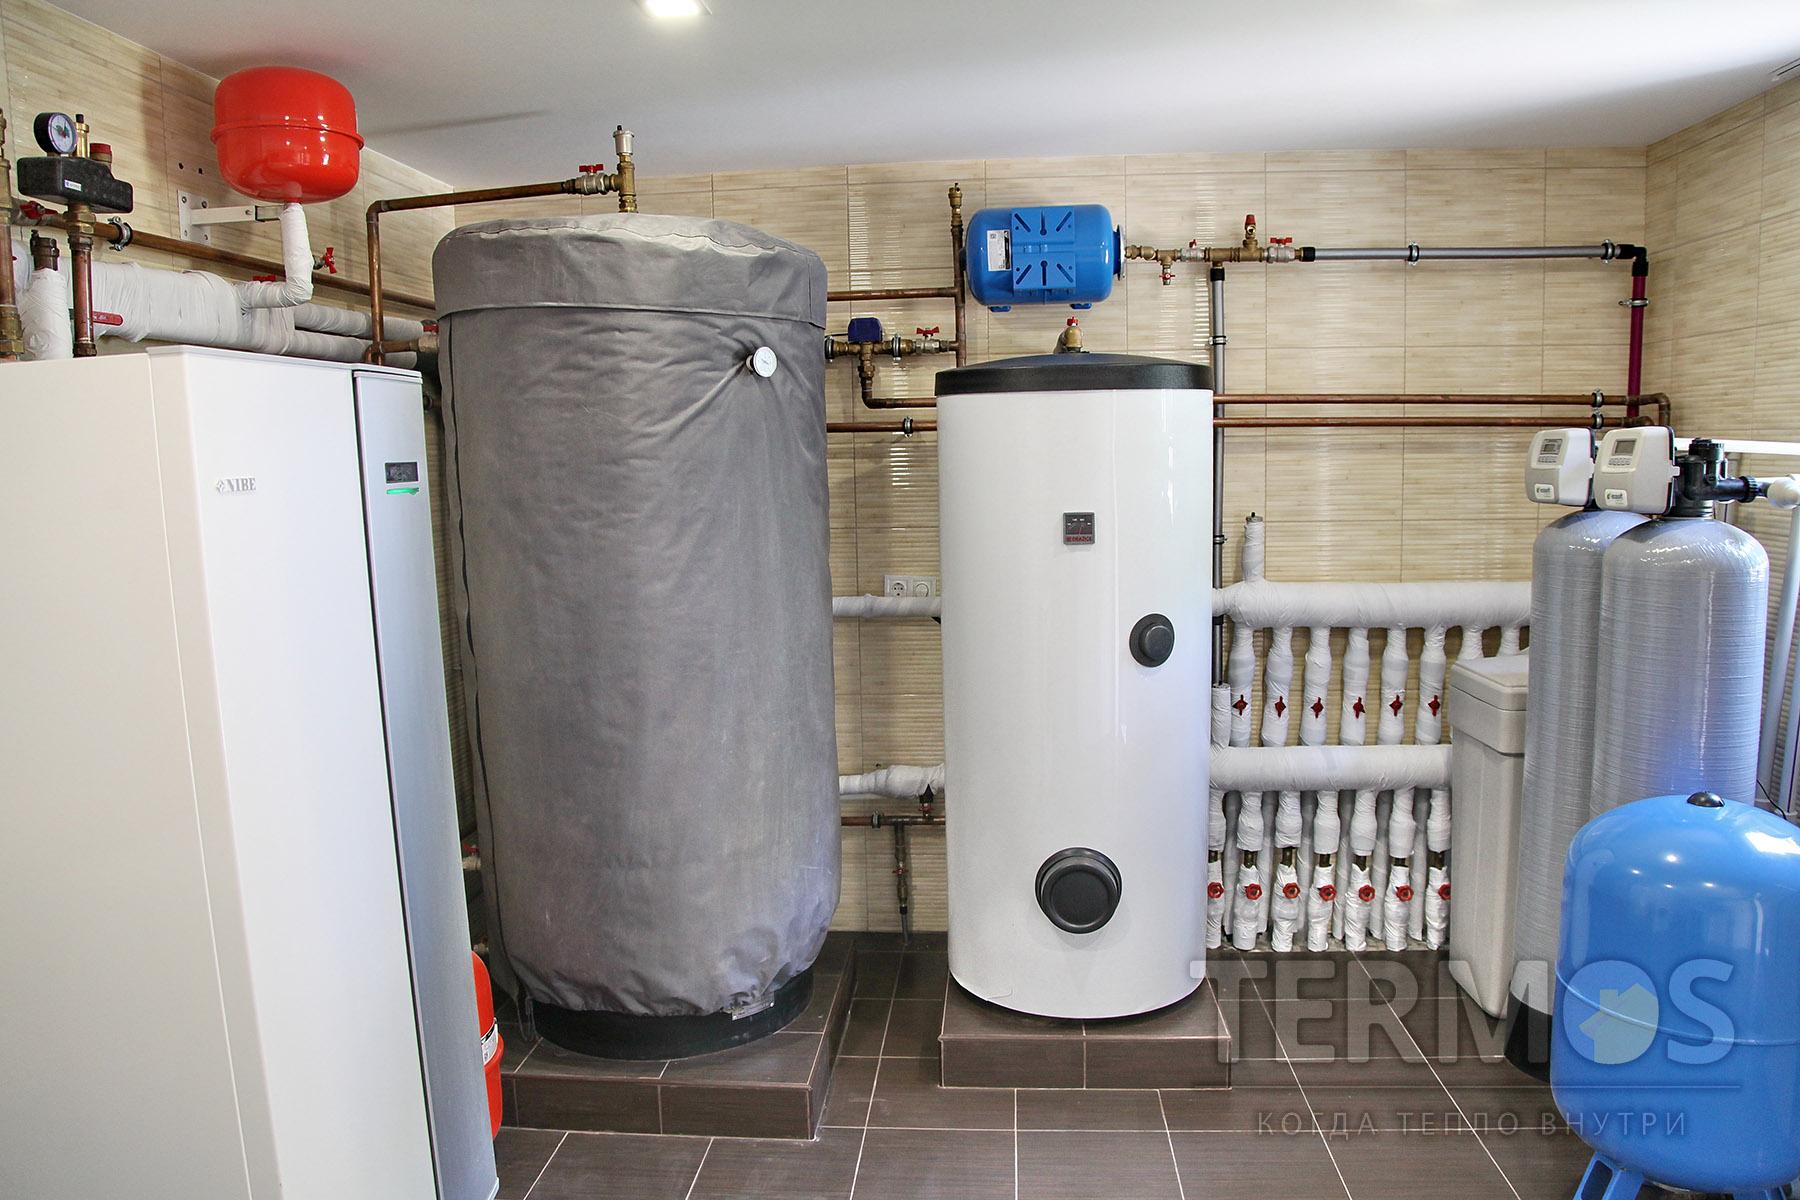 2016 год, с. Мархалевка. Дом 260 кв м Система отопления на геотермальном тепловом насосе NIBE (Швеция) 12 кВт, с 5 скважинами по 55 м